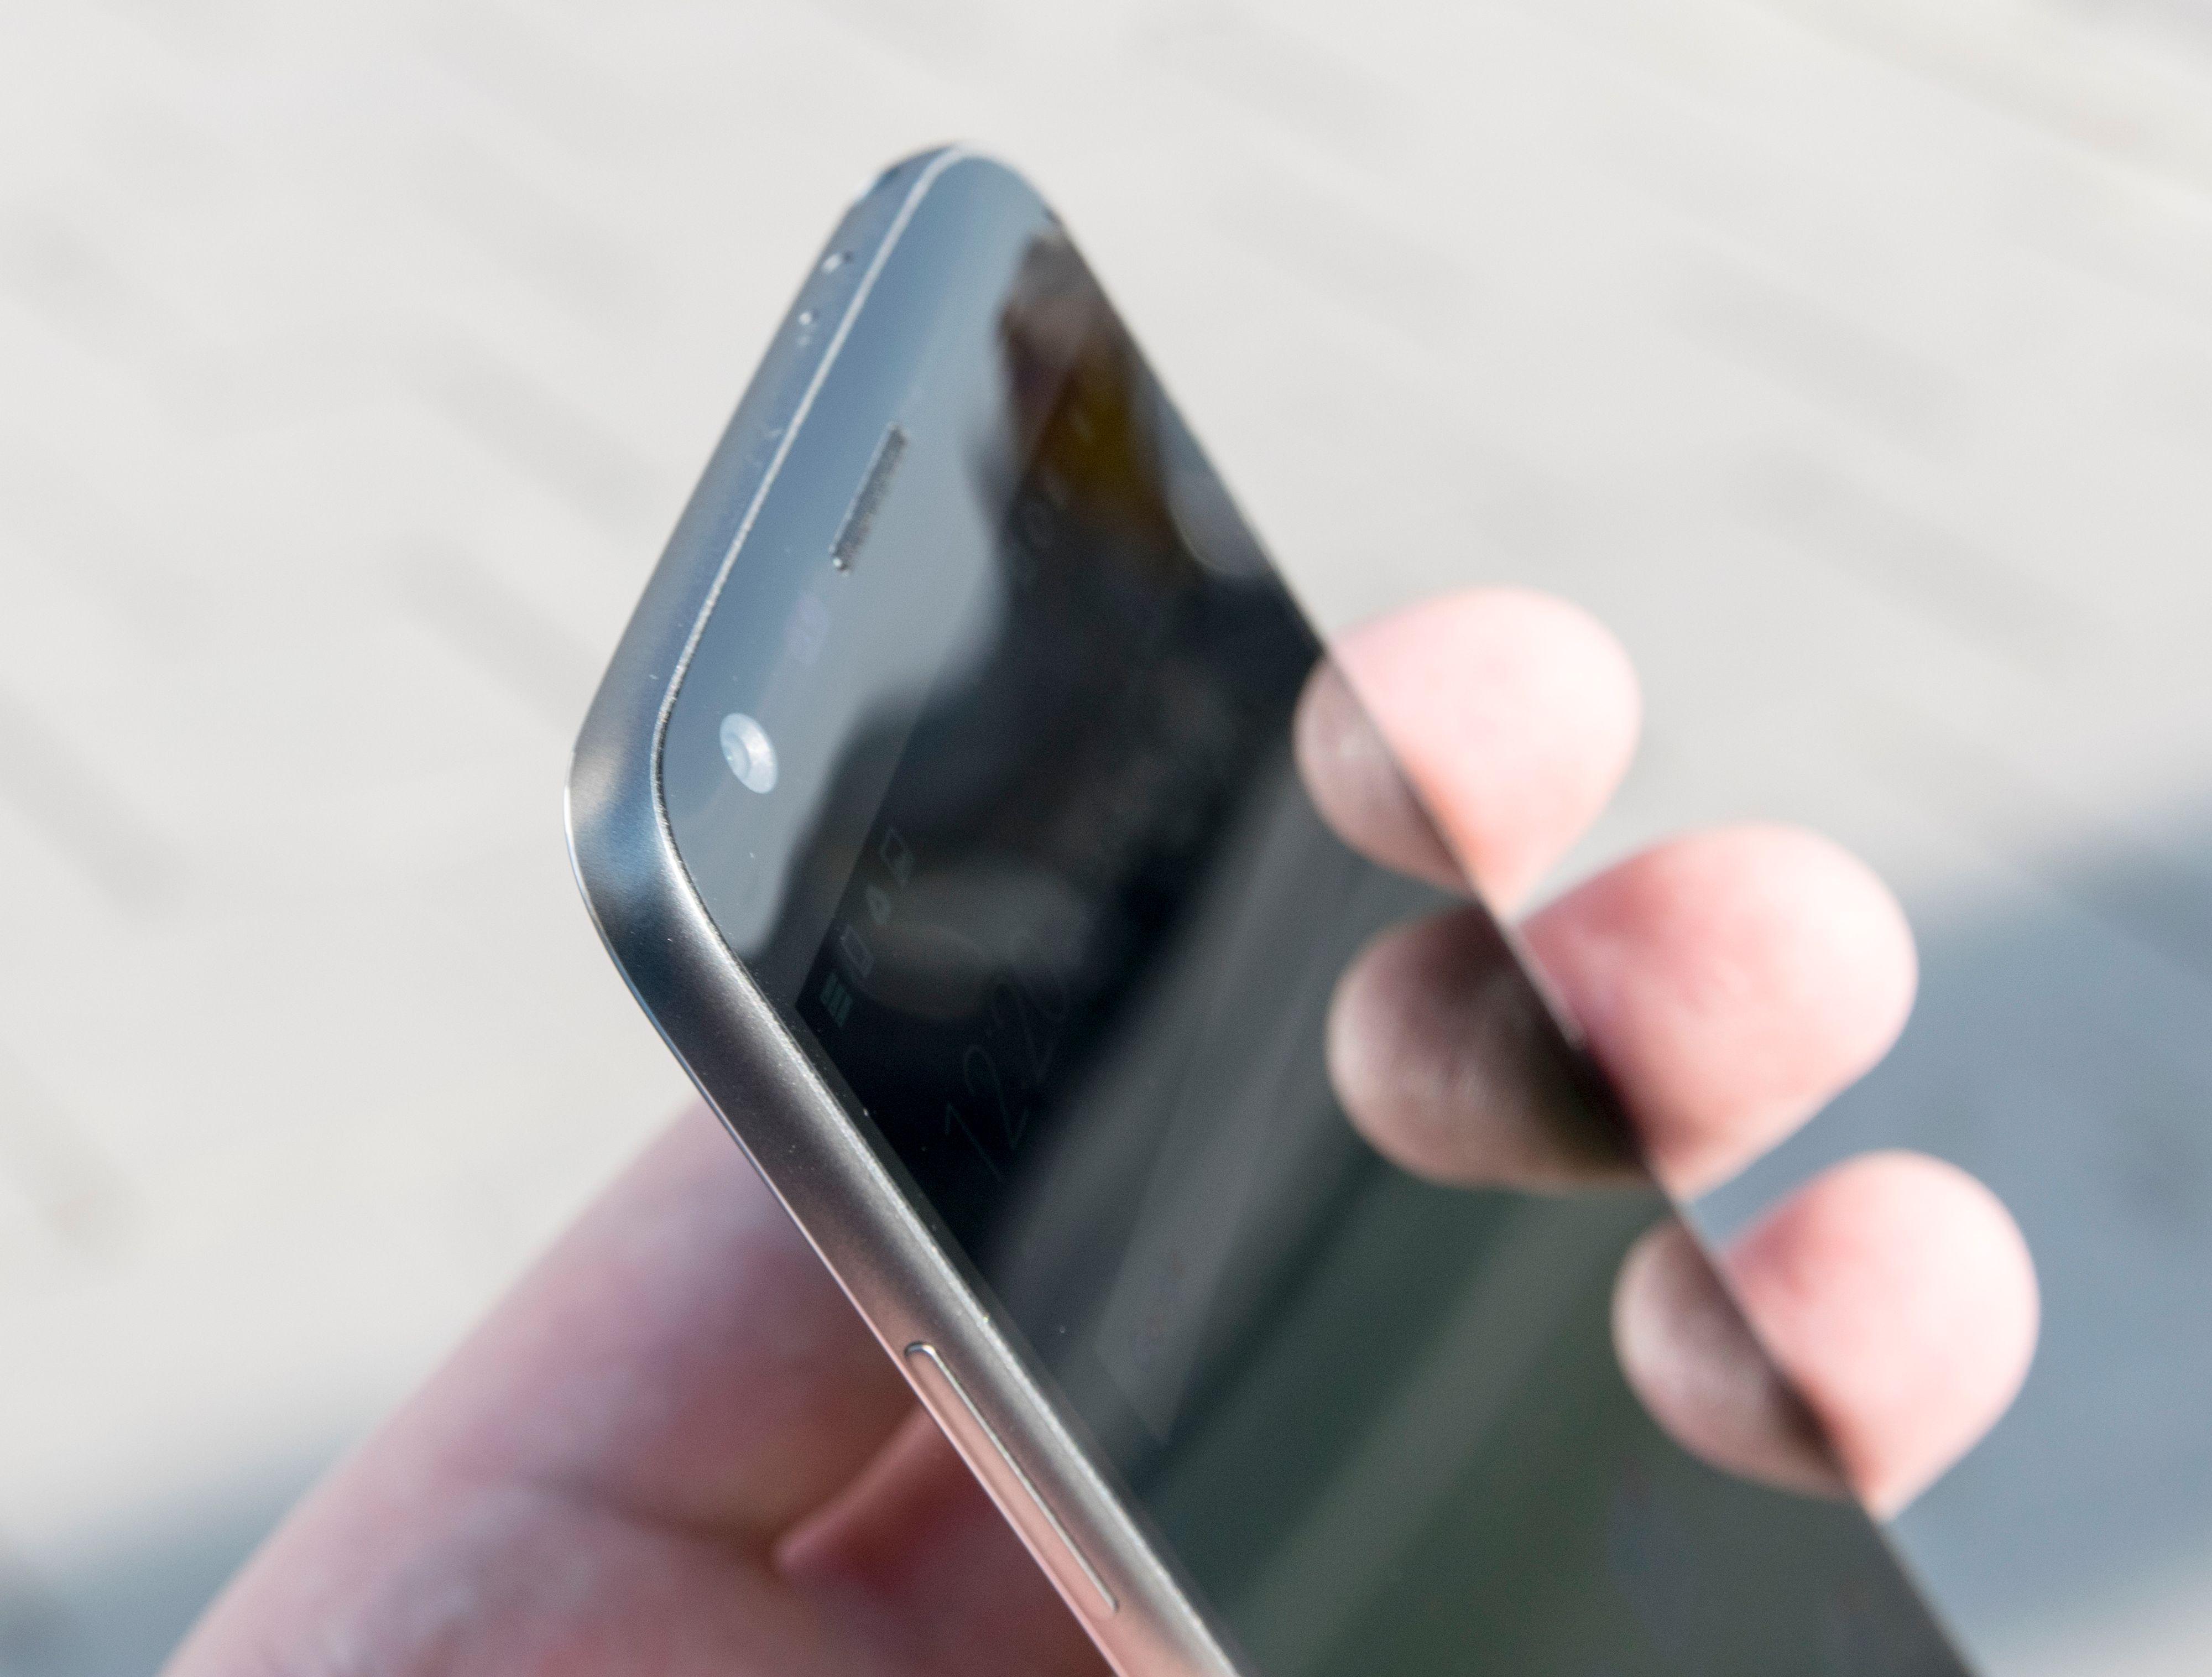 En svak bue i skjermglasset øverst gjør at telefonen skiller seg litt ut fra mengden.